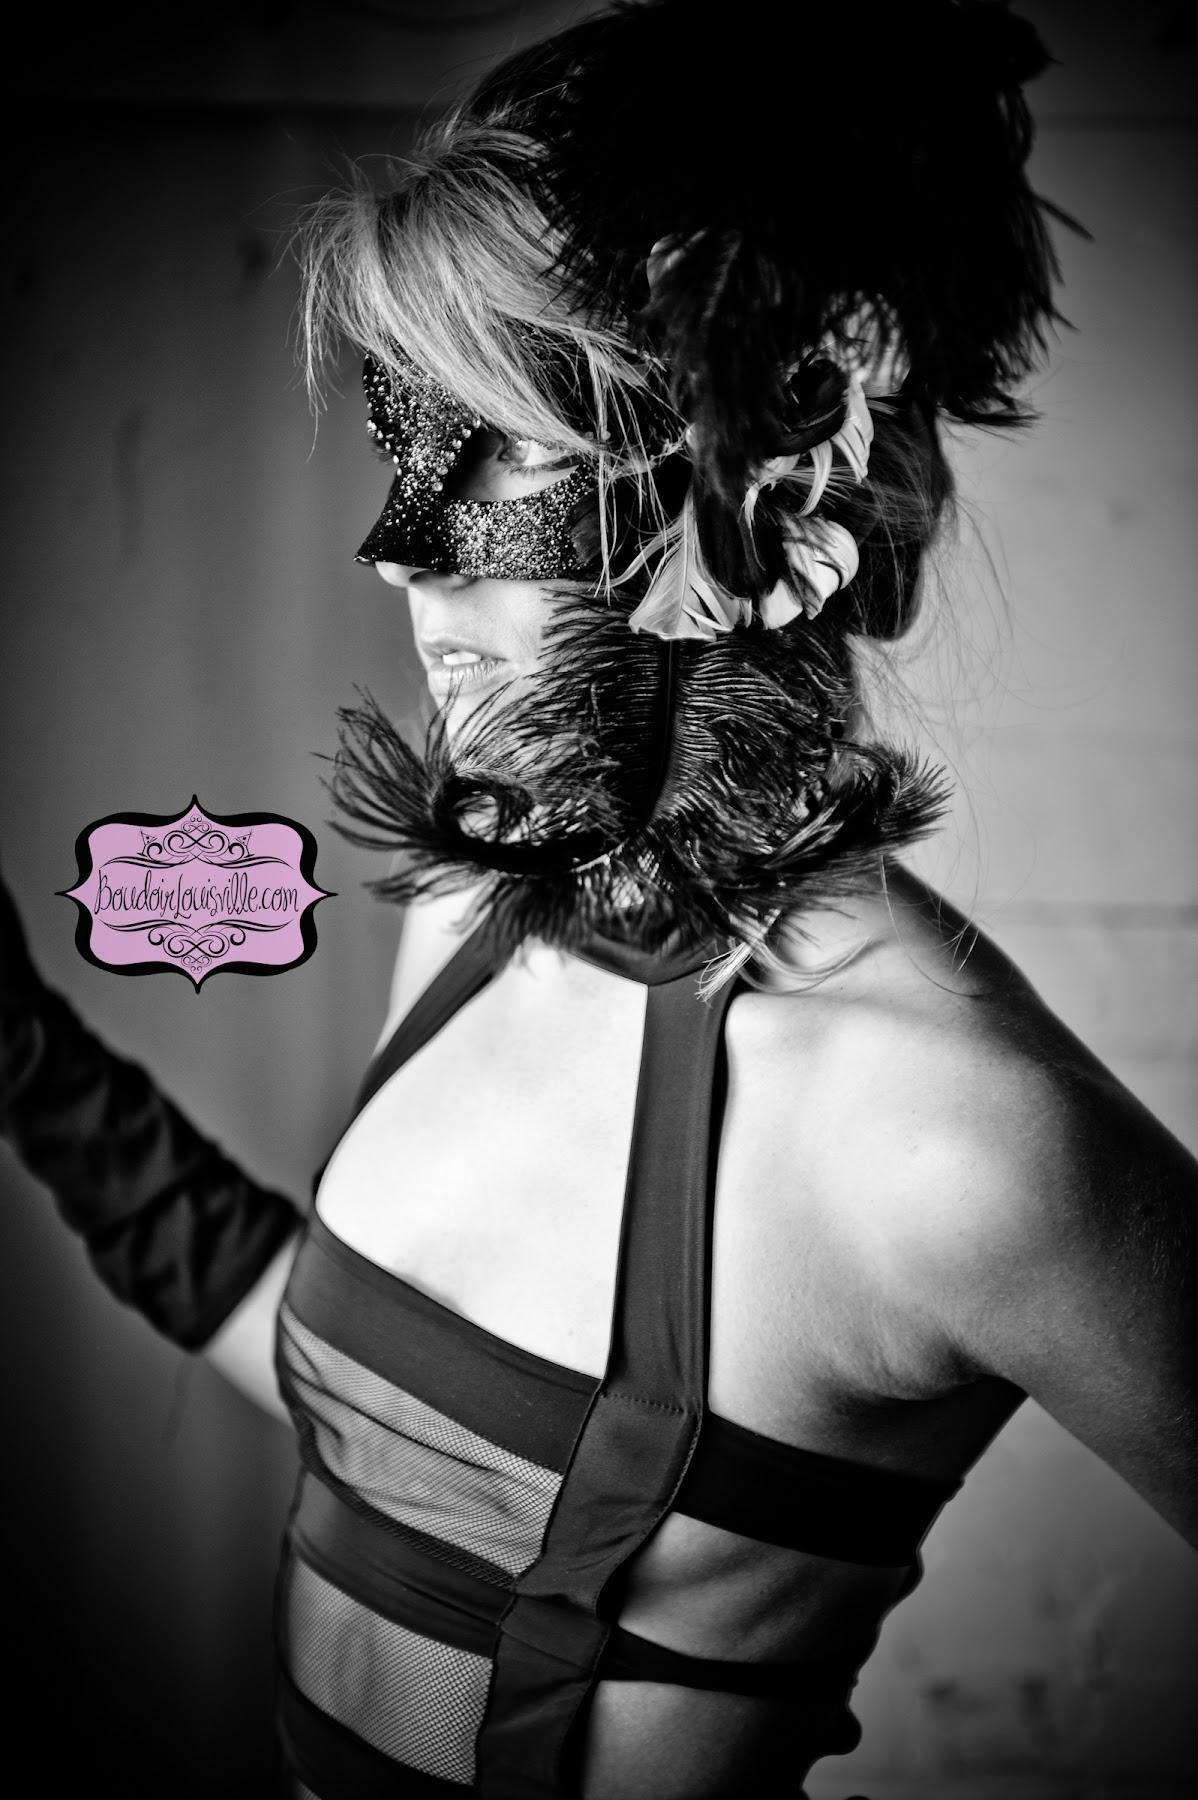 http://3.bp.blogspot.com/-bljlAezffCM/UHwgOcIWN9I/AAAAAAAAJJI/hOPjmXJMM34/s1800/50+shades+of+gray+boudoir+photo+shoot+-+Boudoir+Louisville-9.jpg